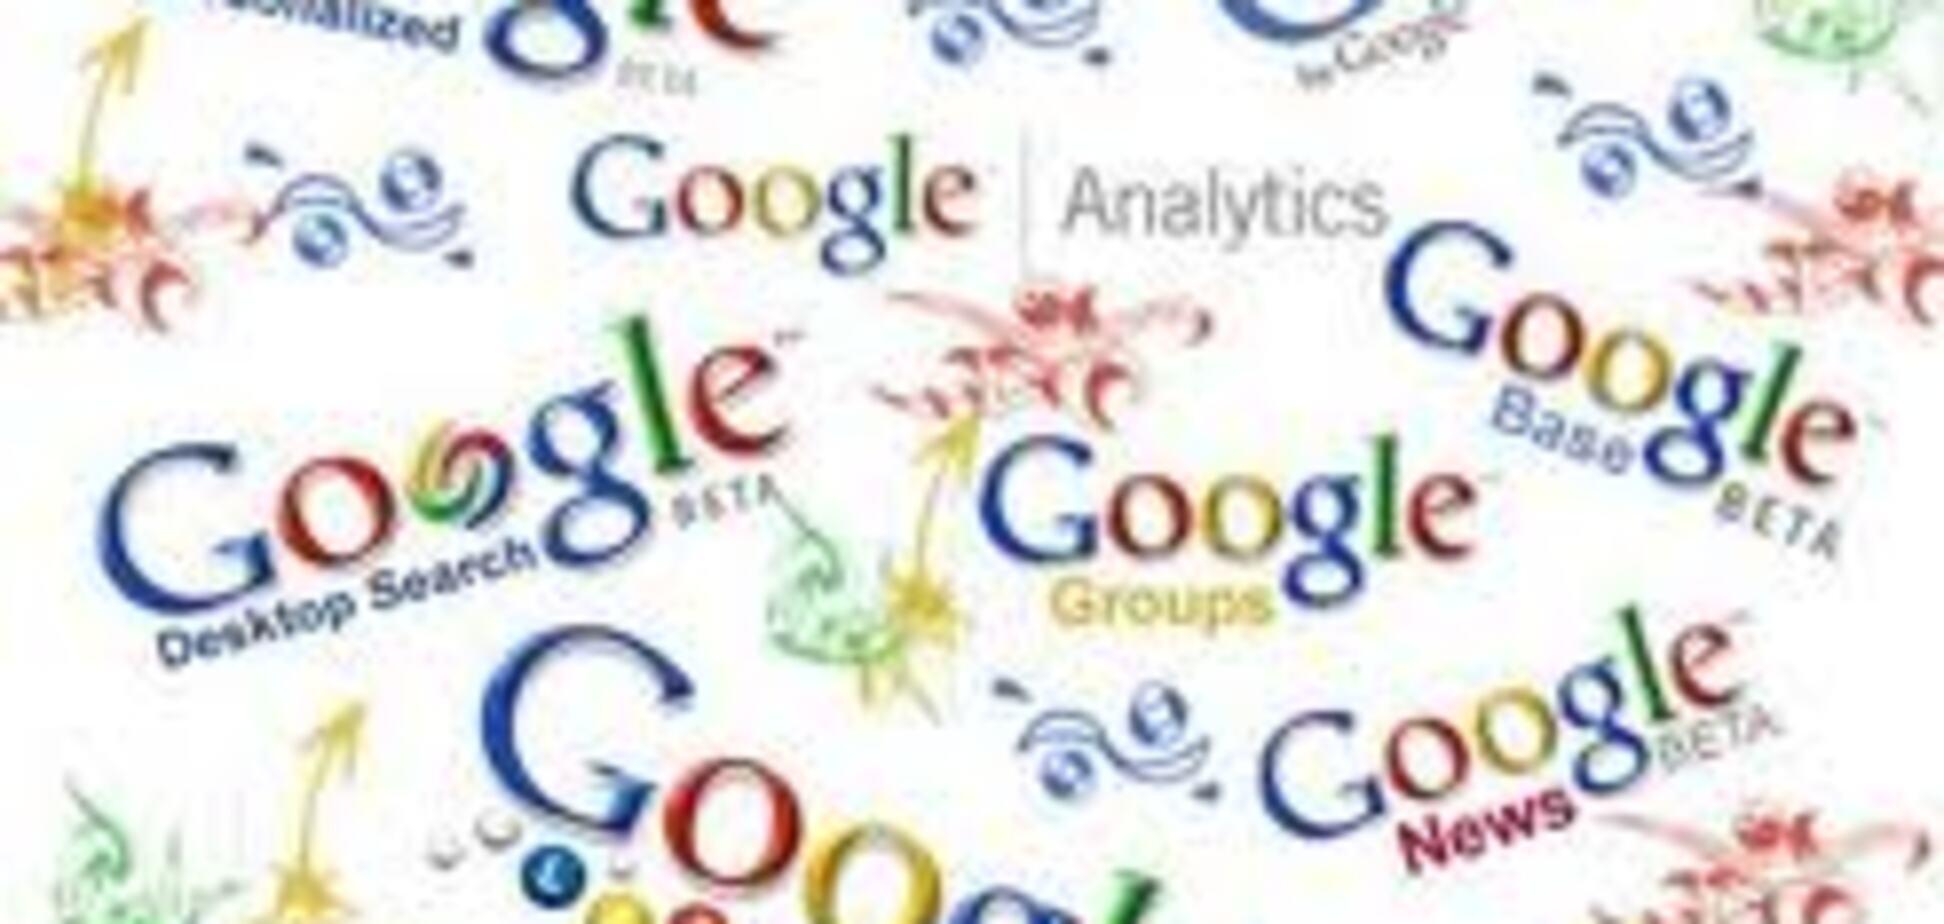 Українці запитують Google, як убити чупакабру і Януковича